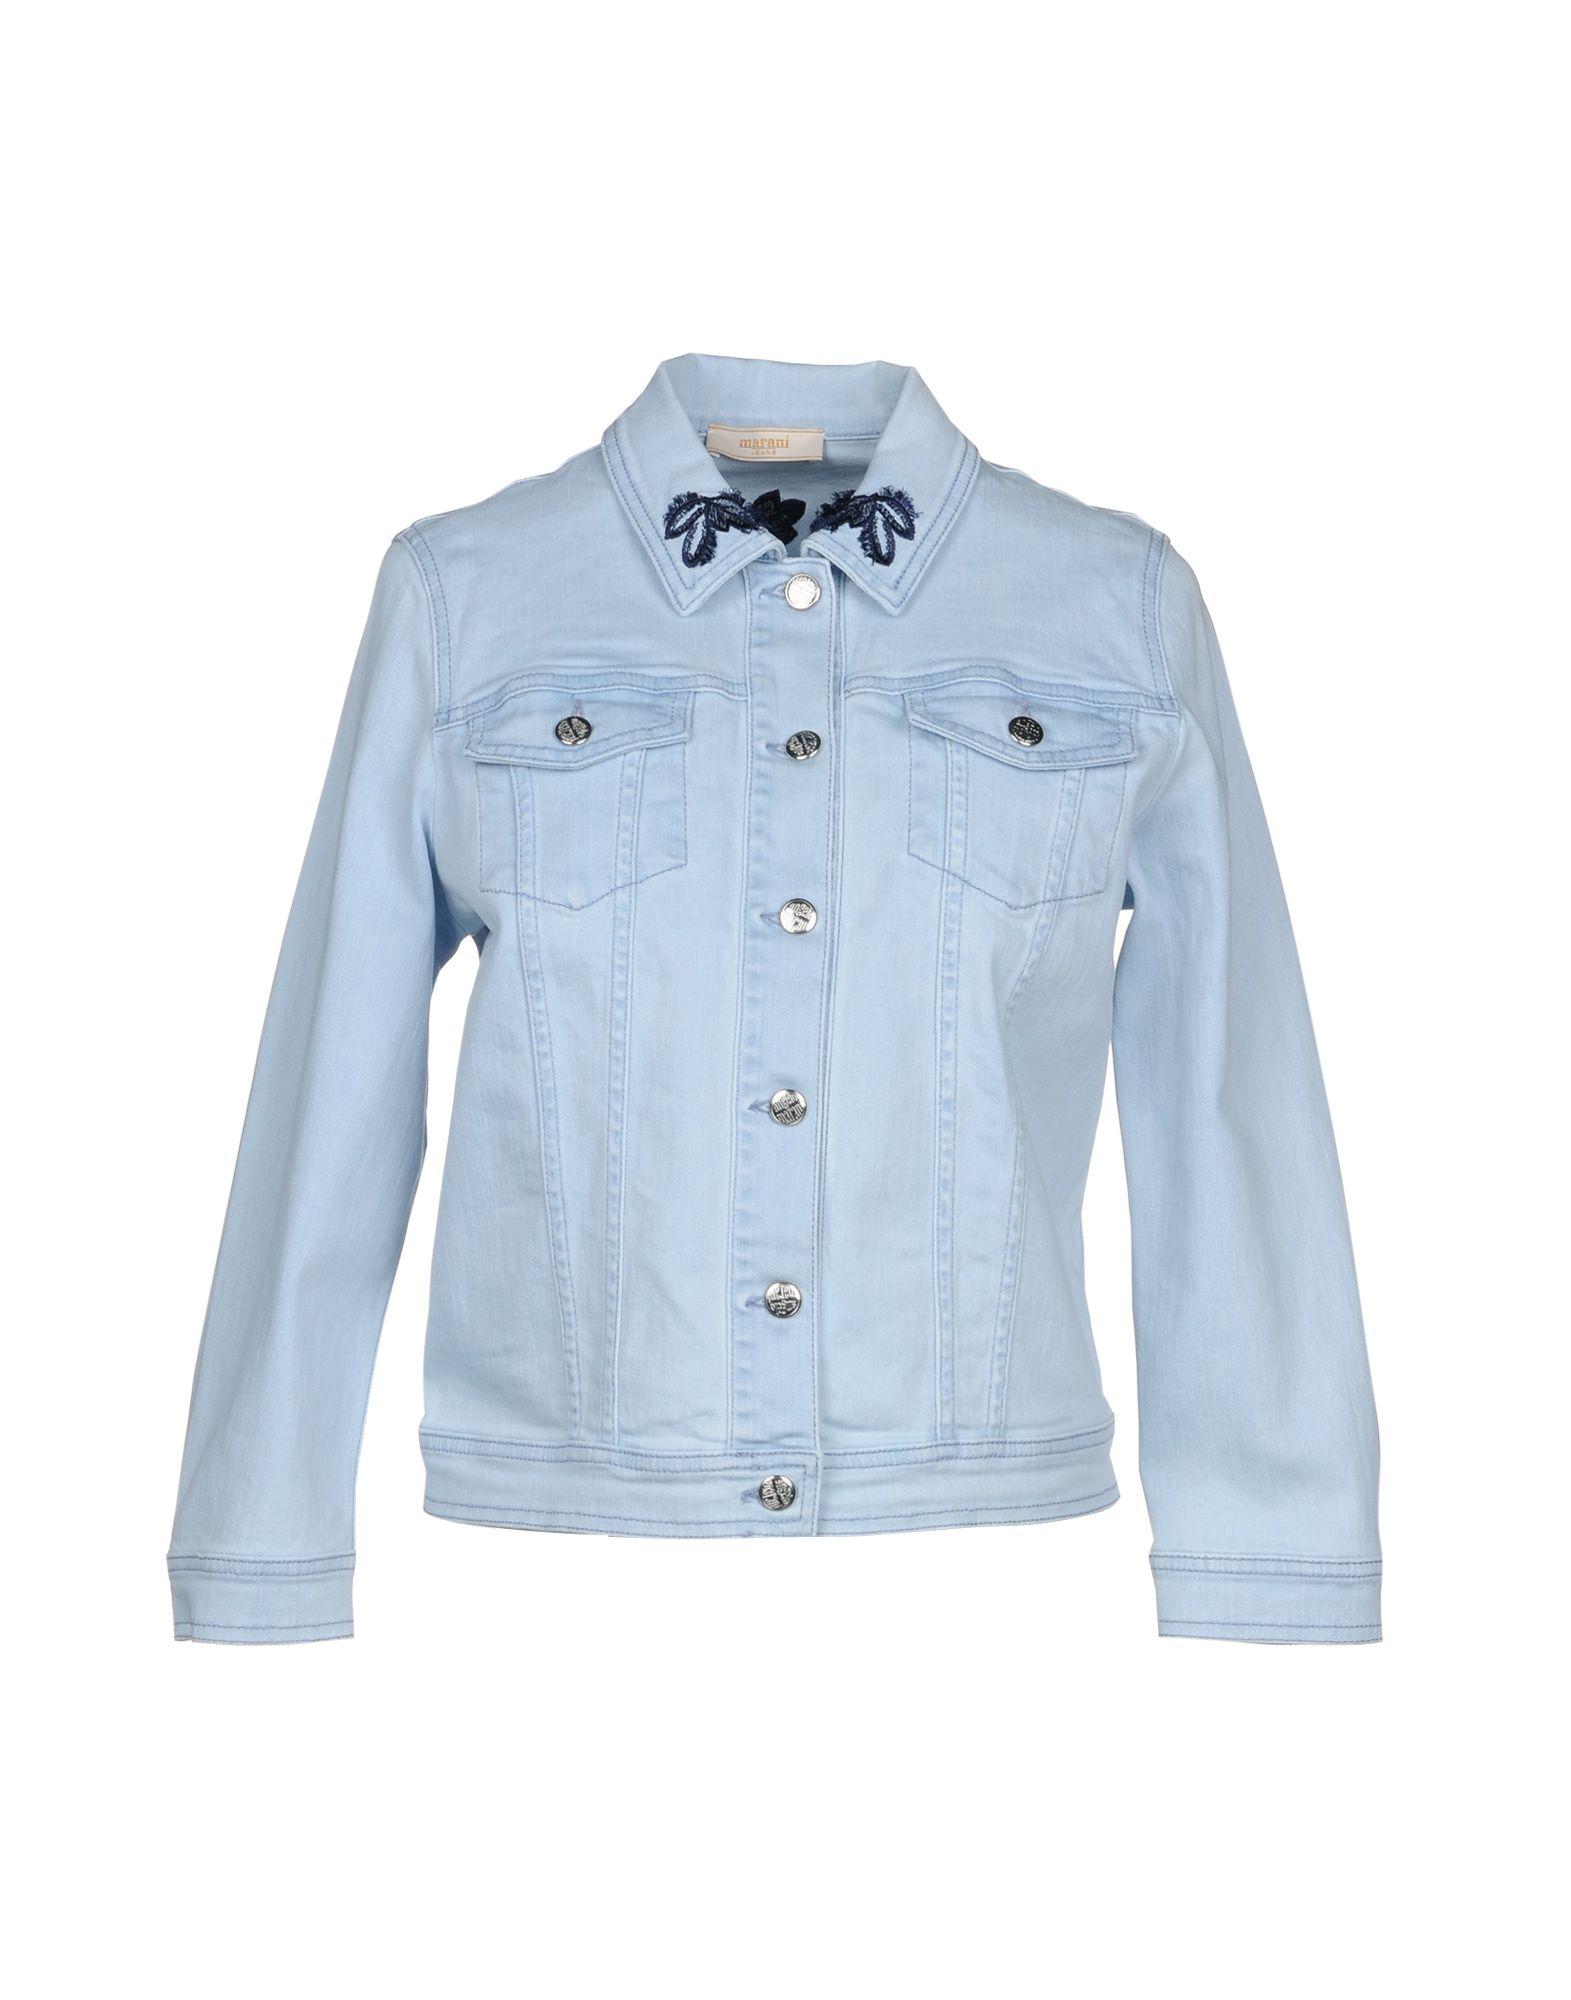 купить MARANI JEANS Джинсовая верхняя одежда по цене 23000 рублей